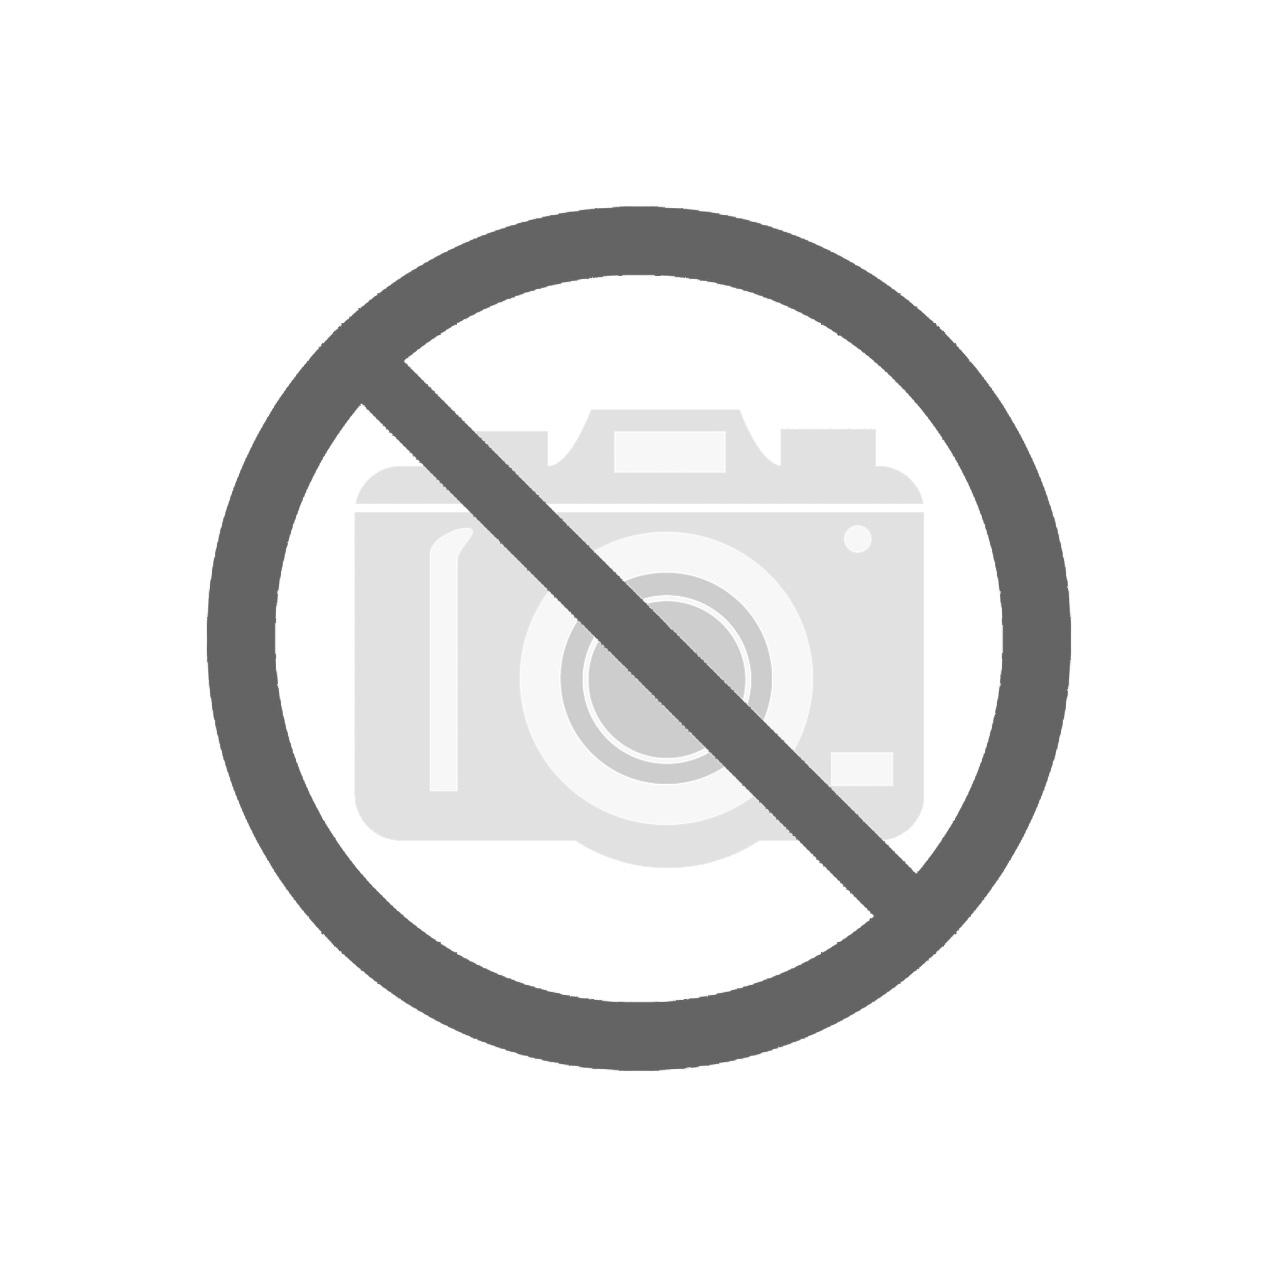 Taśma szlifierska 200 x 50000 mm - G 36 * BERNARDO